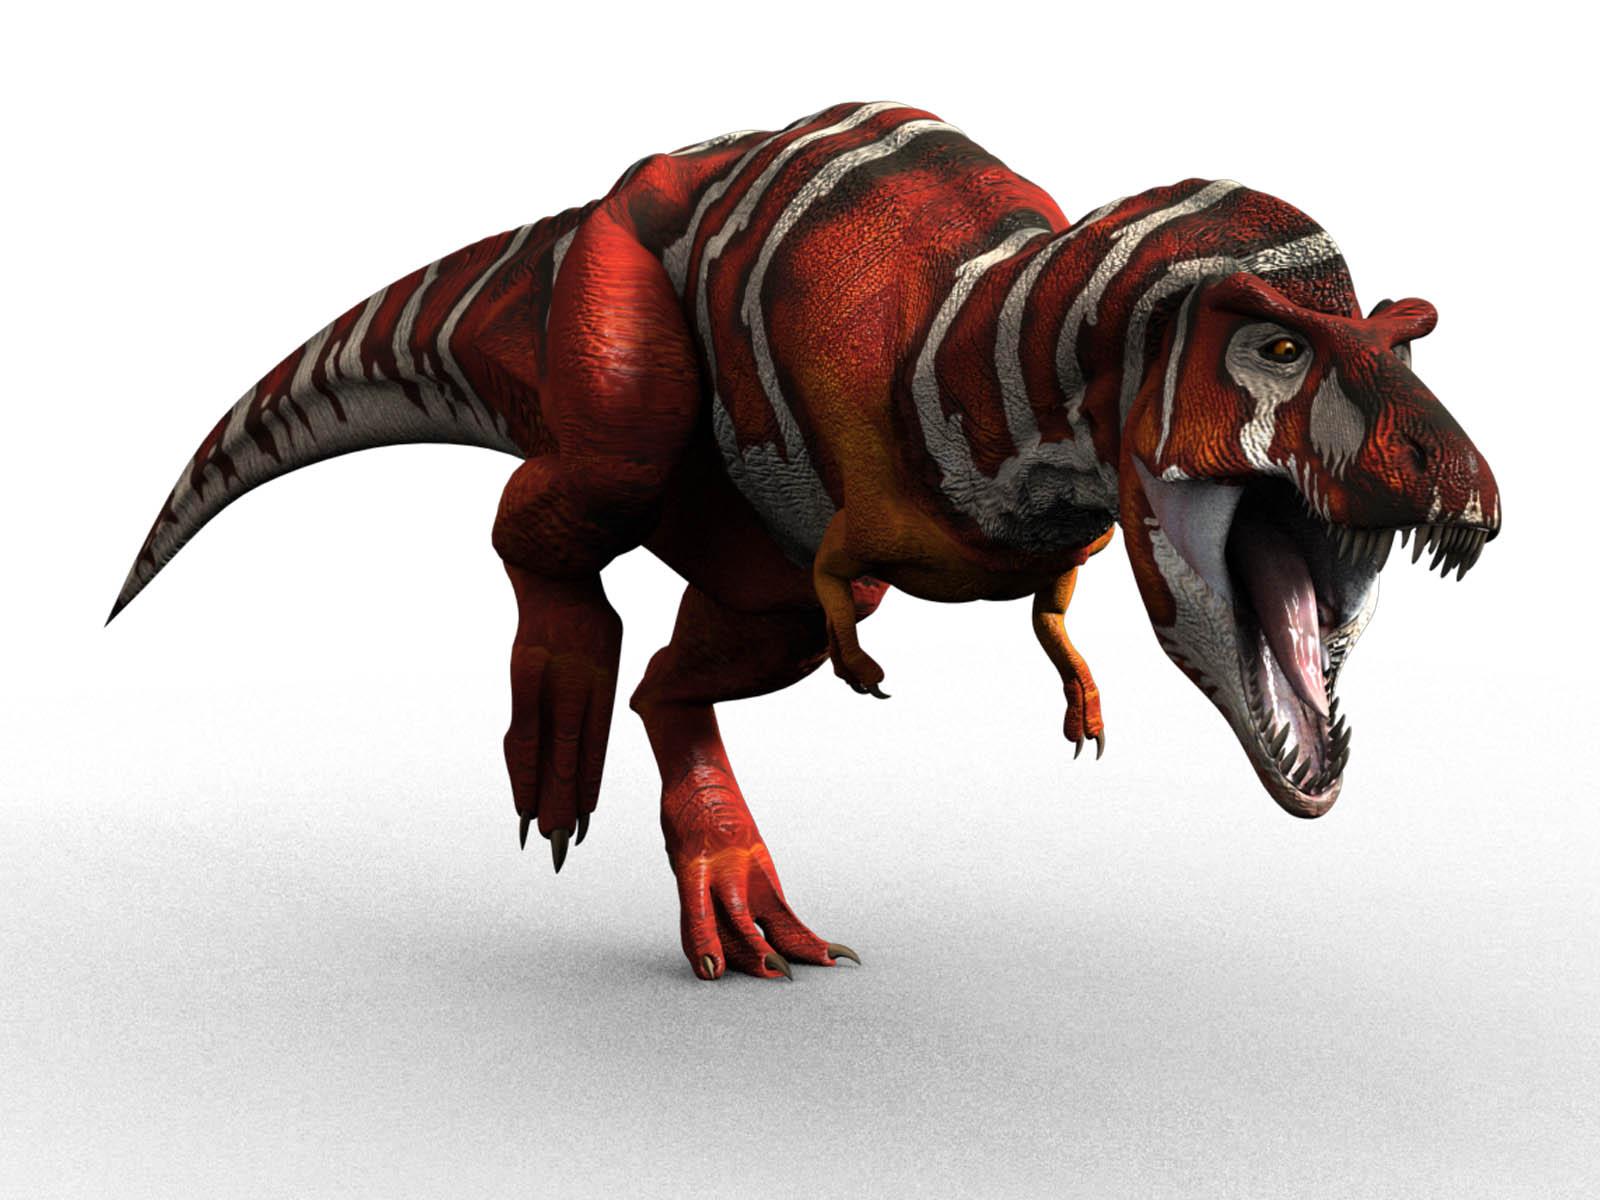 Pcvscz tyrannosaurus rex vs dragon dinosaurs forum for Tyranosaurus rex